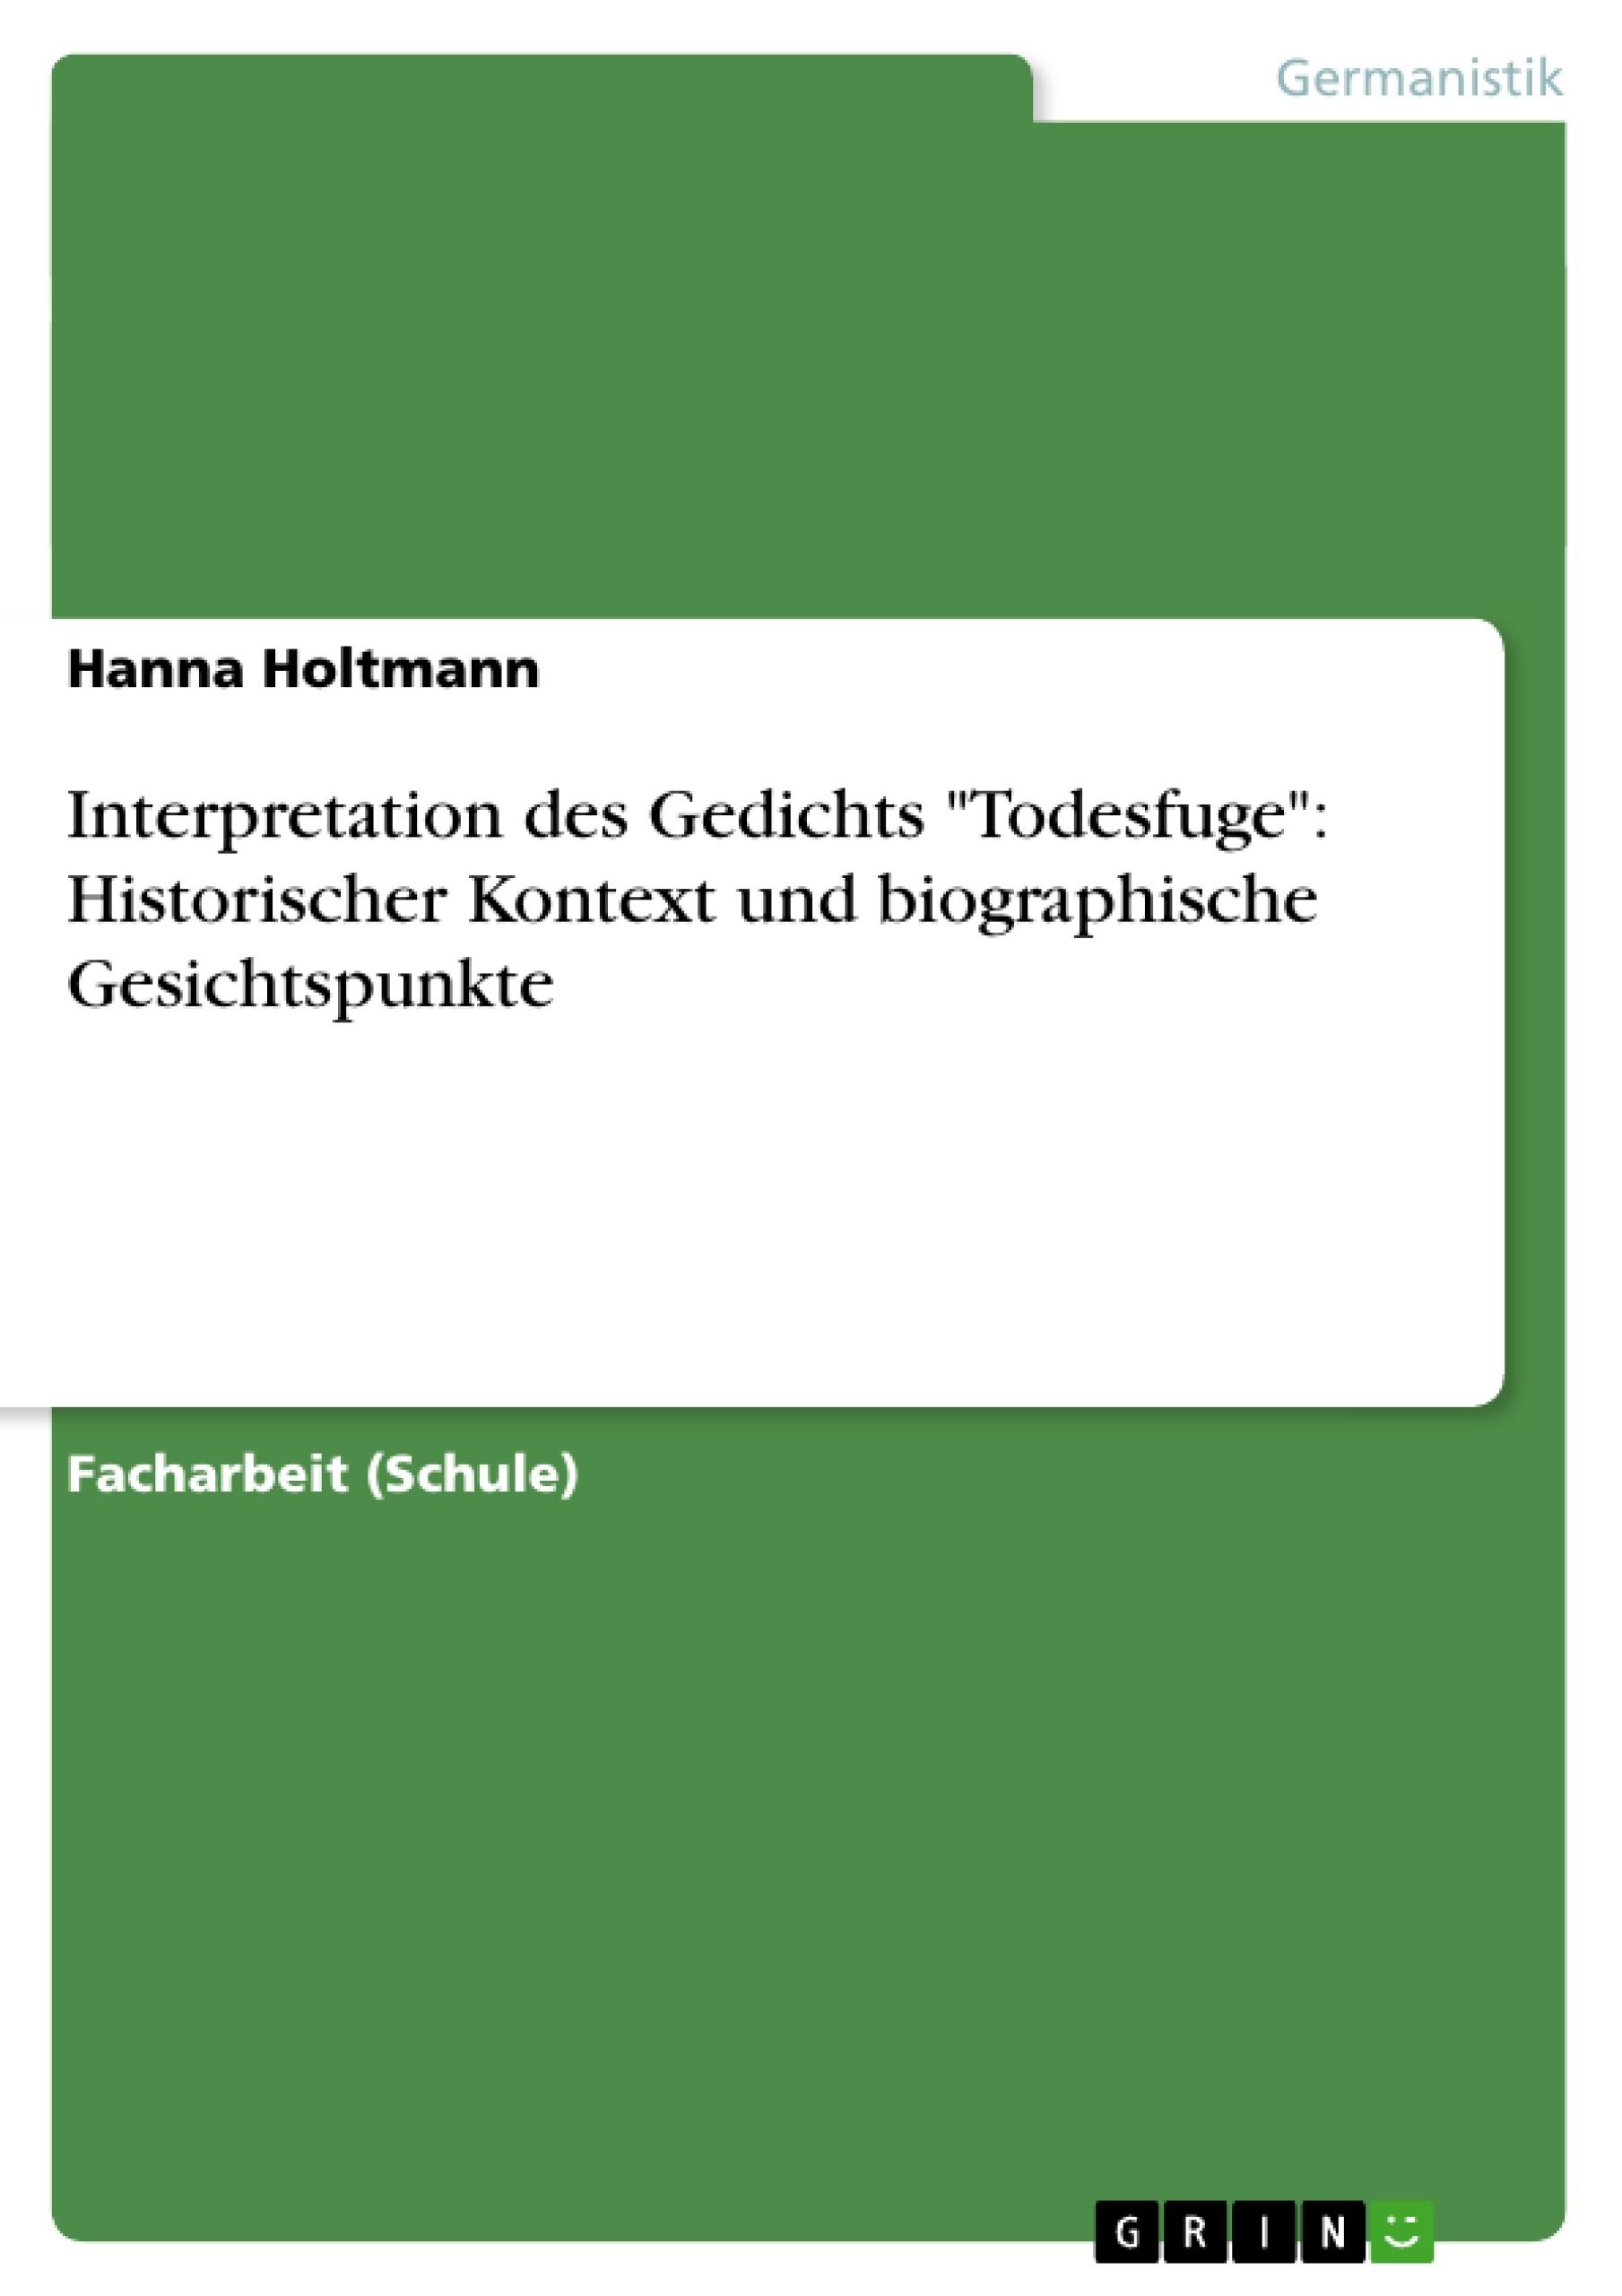 """Titel: Interpretation des Gedichts """"Todesfuge"""": Historischer Kontext und biographische Gesichtspunkte"""